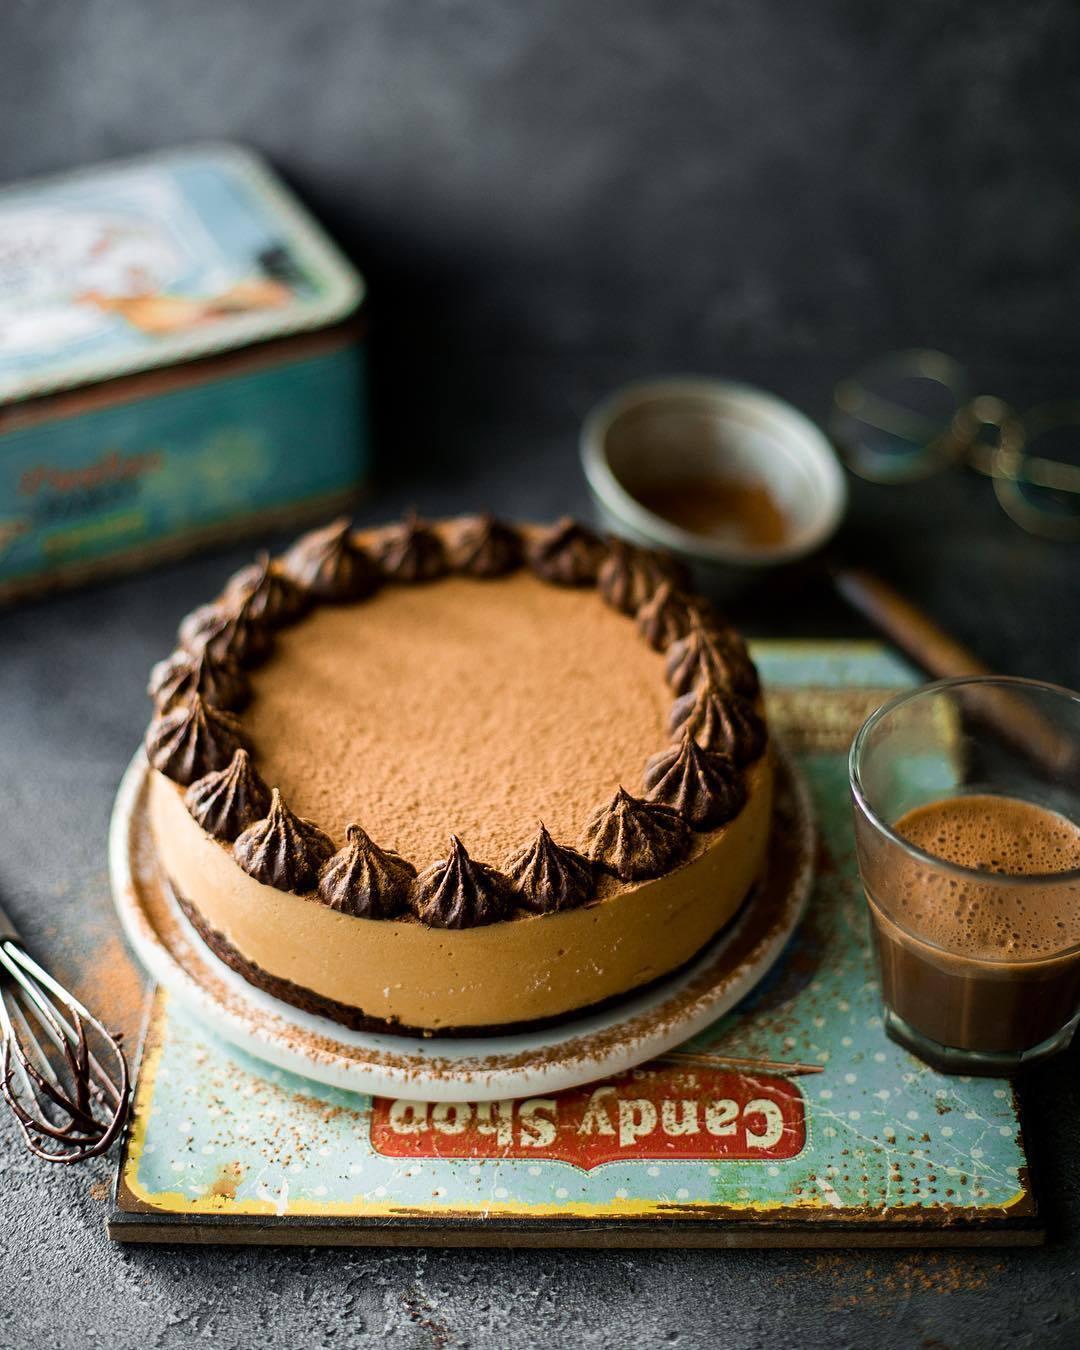 宠物-这位漂亮的美女蛋糕师,让猫咪来为蛋糕代言,将平淡无奇的蛋糕化腐朽为神奇(46)